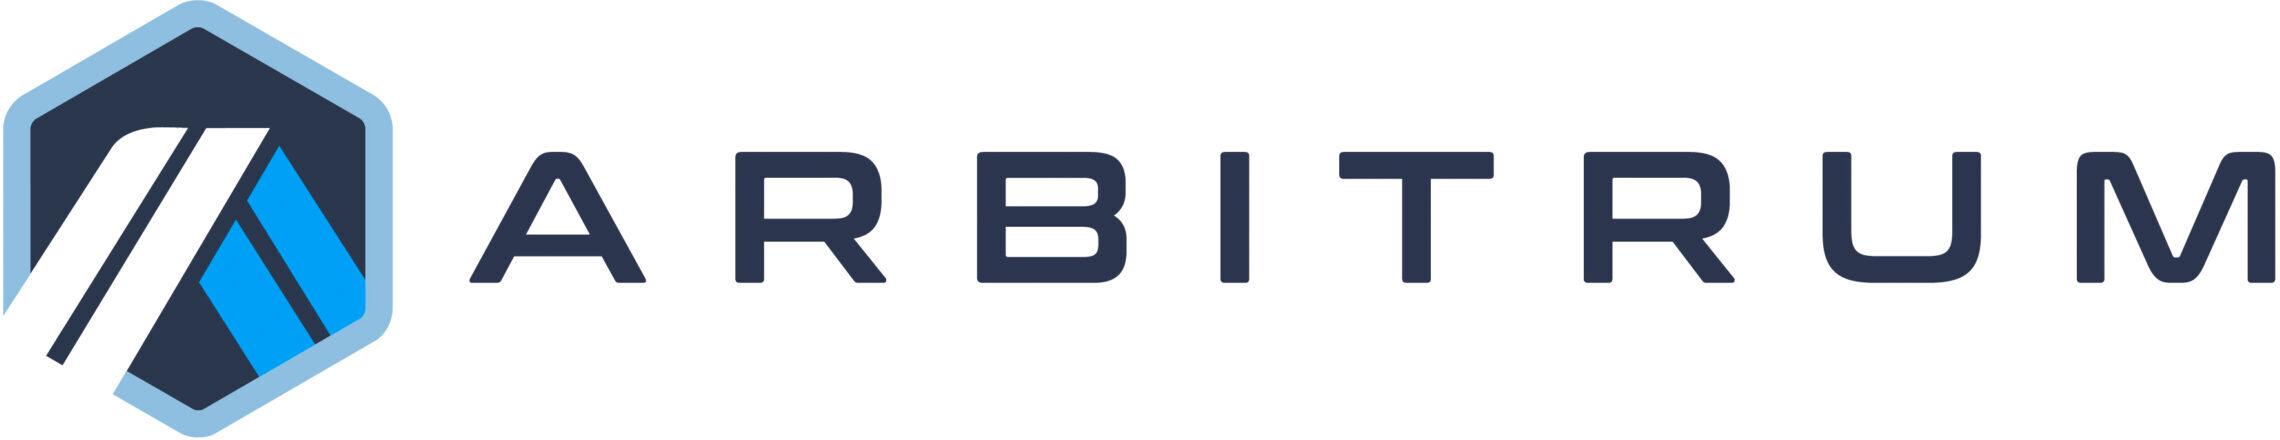 Arbitrum logo